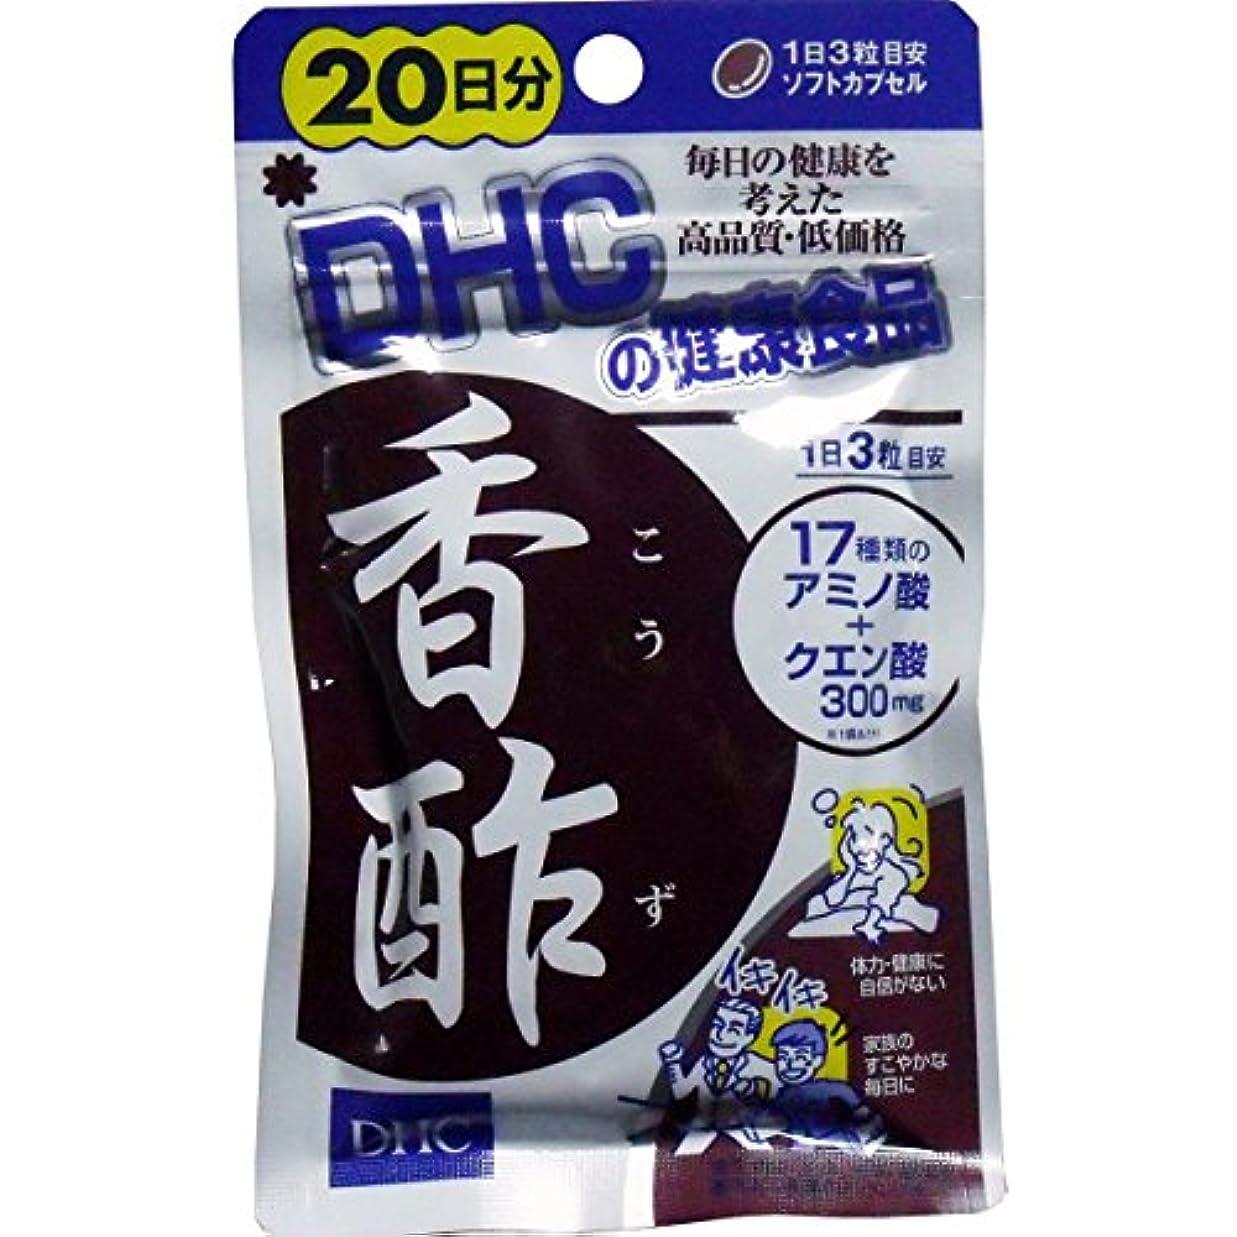 代わりにクリップ蝶海藻サプリ 健康食品 香酢 酢 パワー DHC アミノ酸たっぷりの禄豊香酢を手軽に!20日分 60粒入【3個セット】